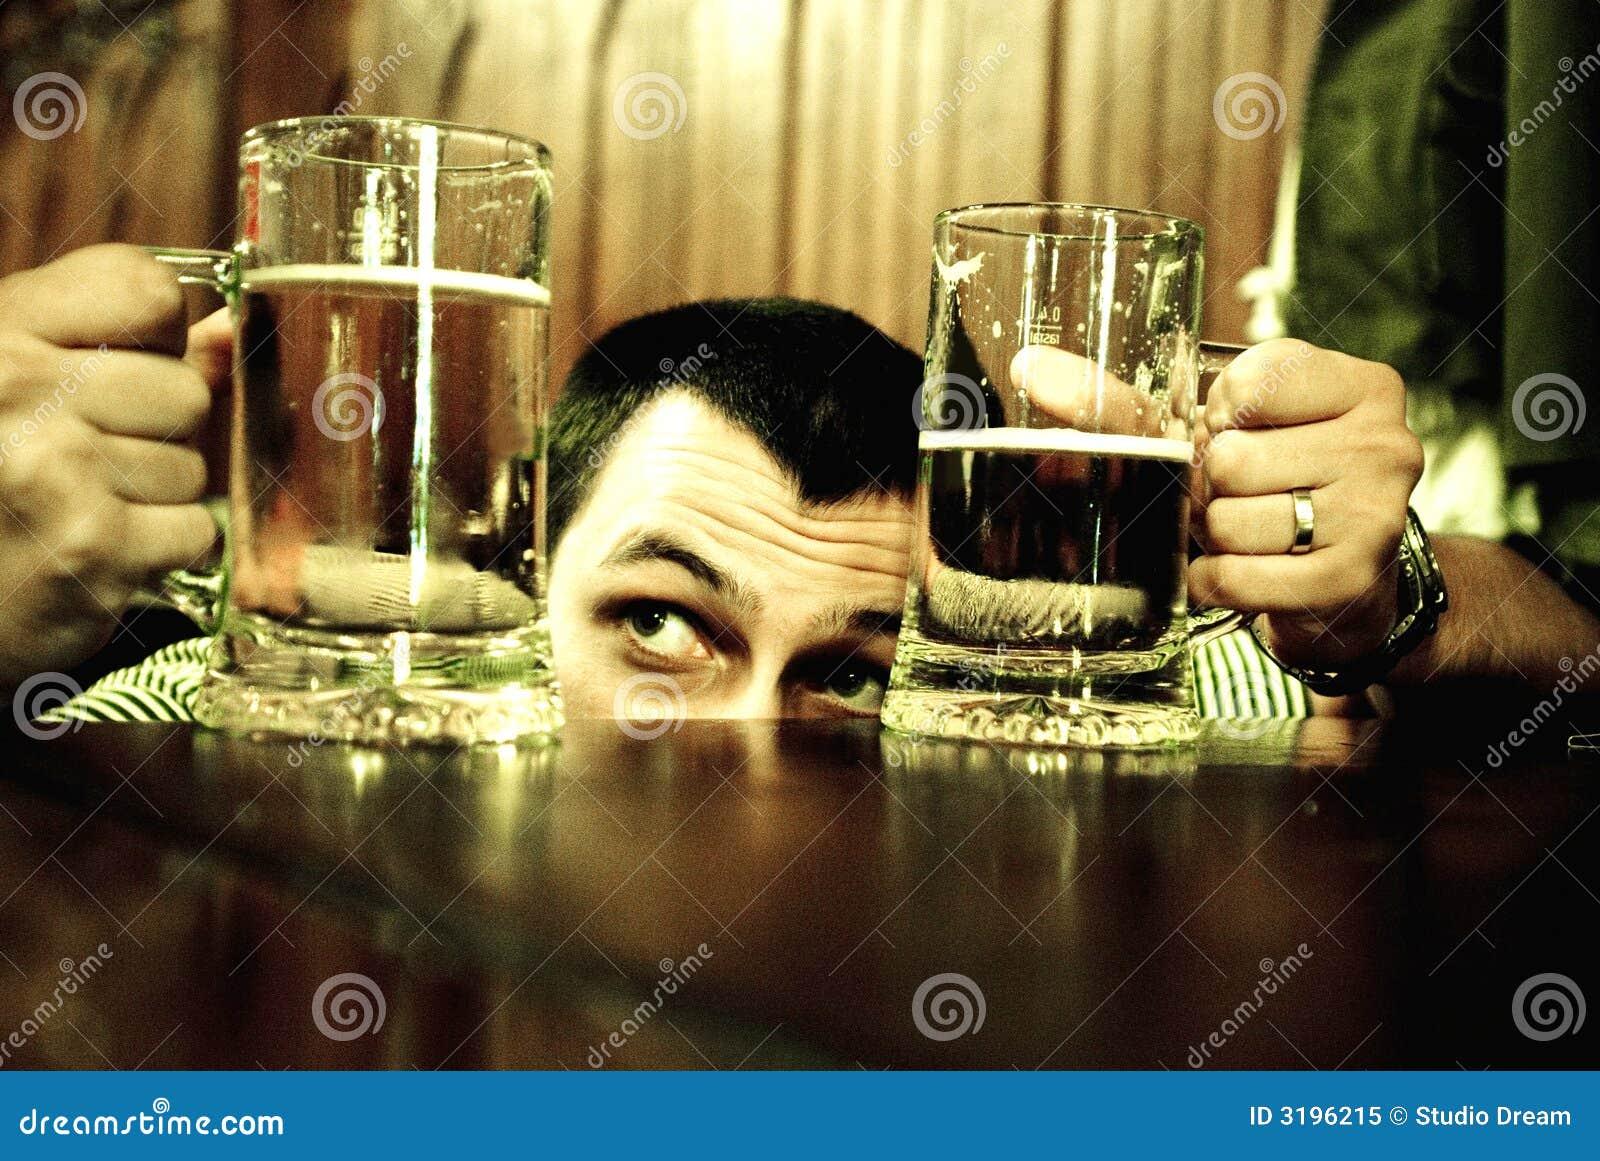 Homme comparant des tasses de bière